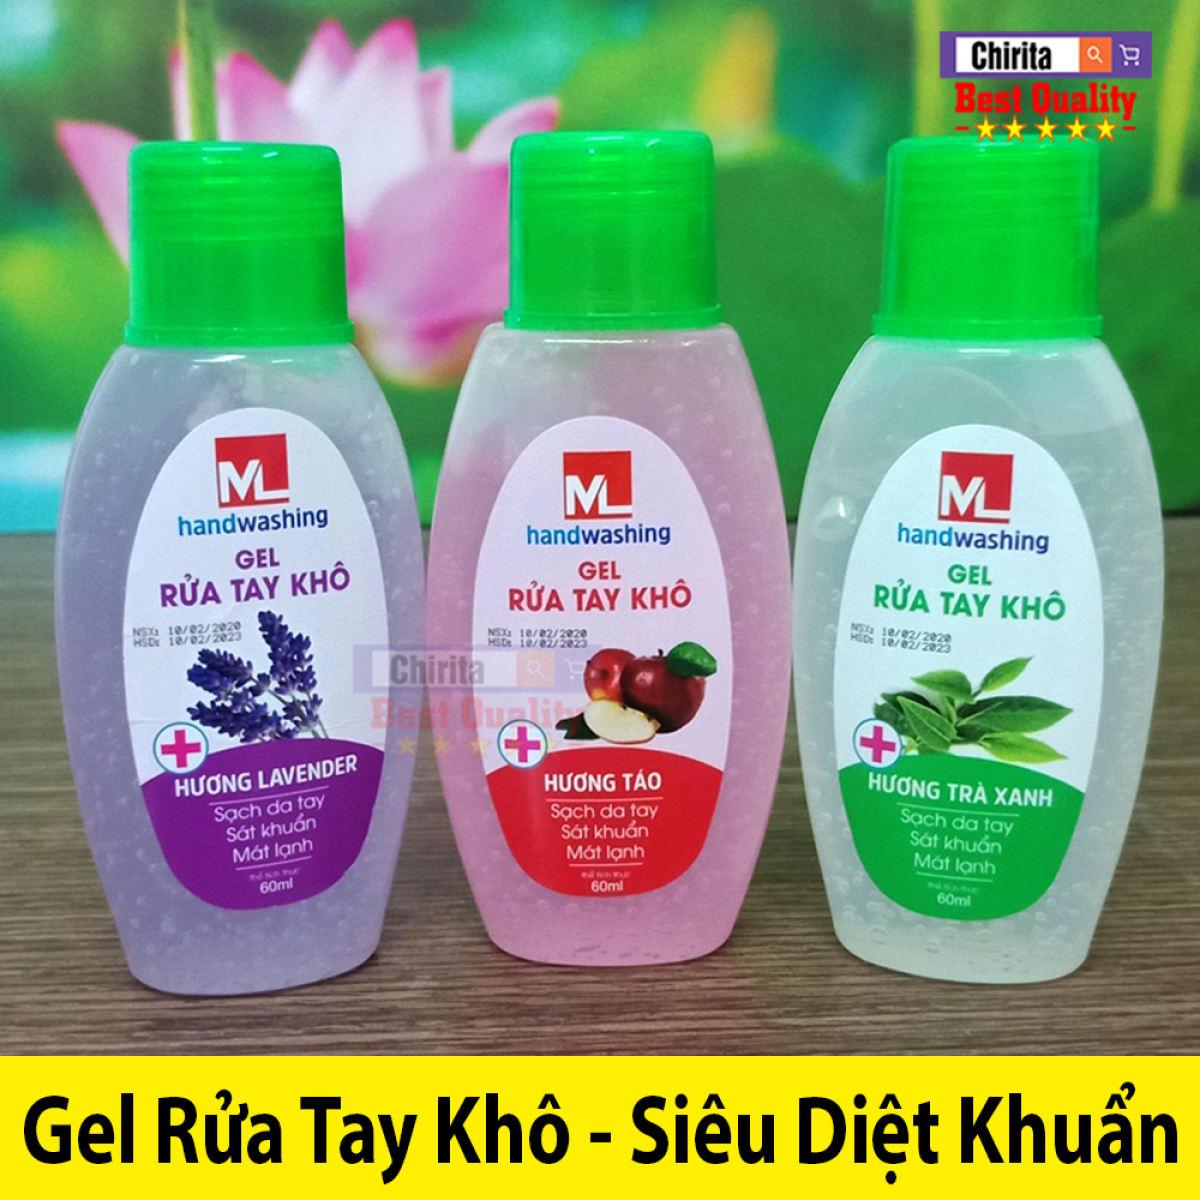 Gel Rửa Tay Khô Handwashing - Xịt Rửa Tay Kháng Khuẩn - Sạch Tay An Toàn 60ML